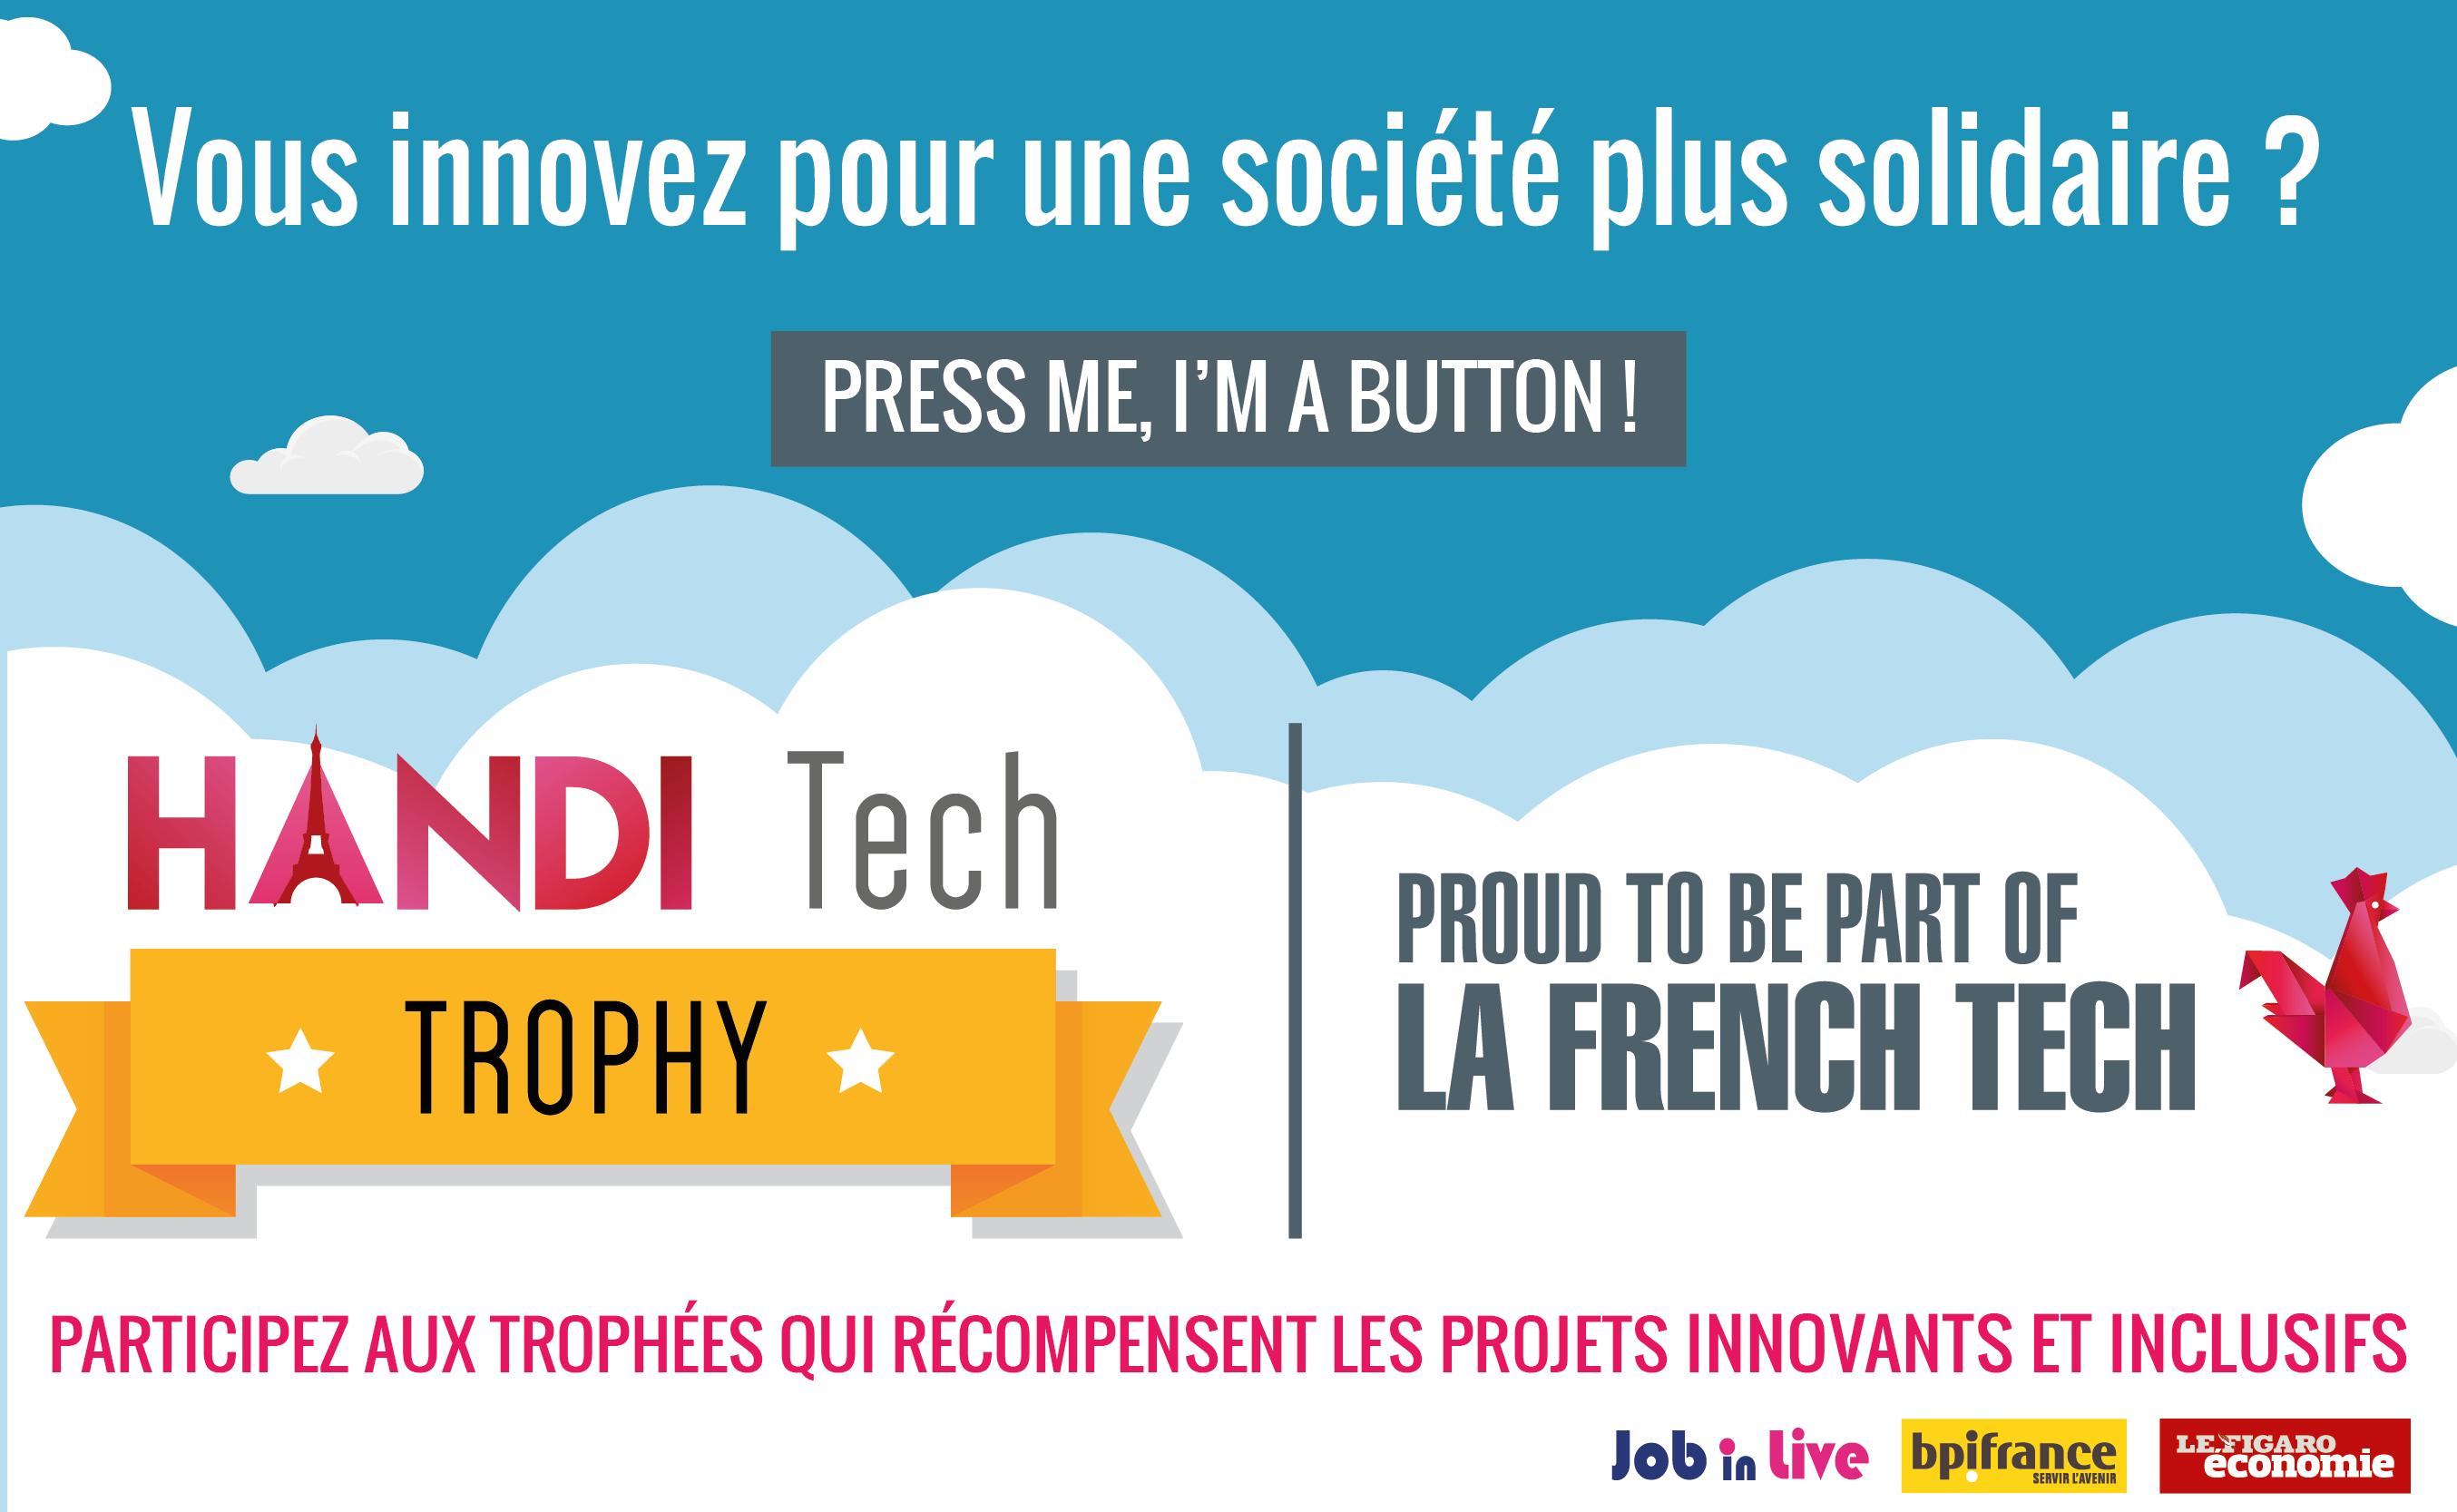 handitech_trophy.png